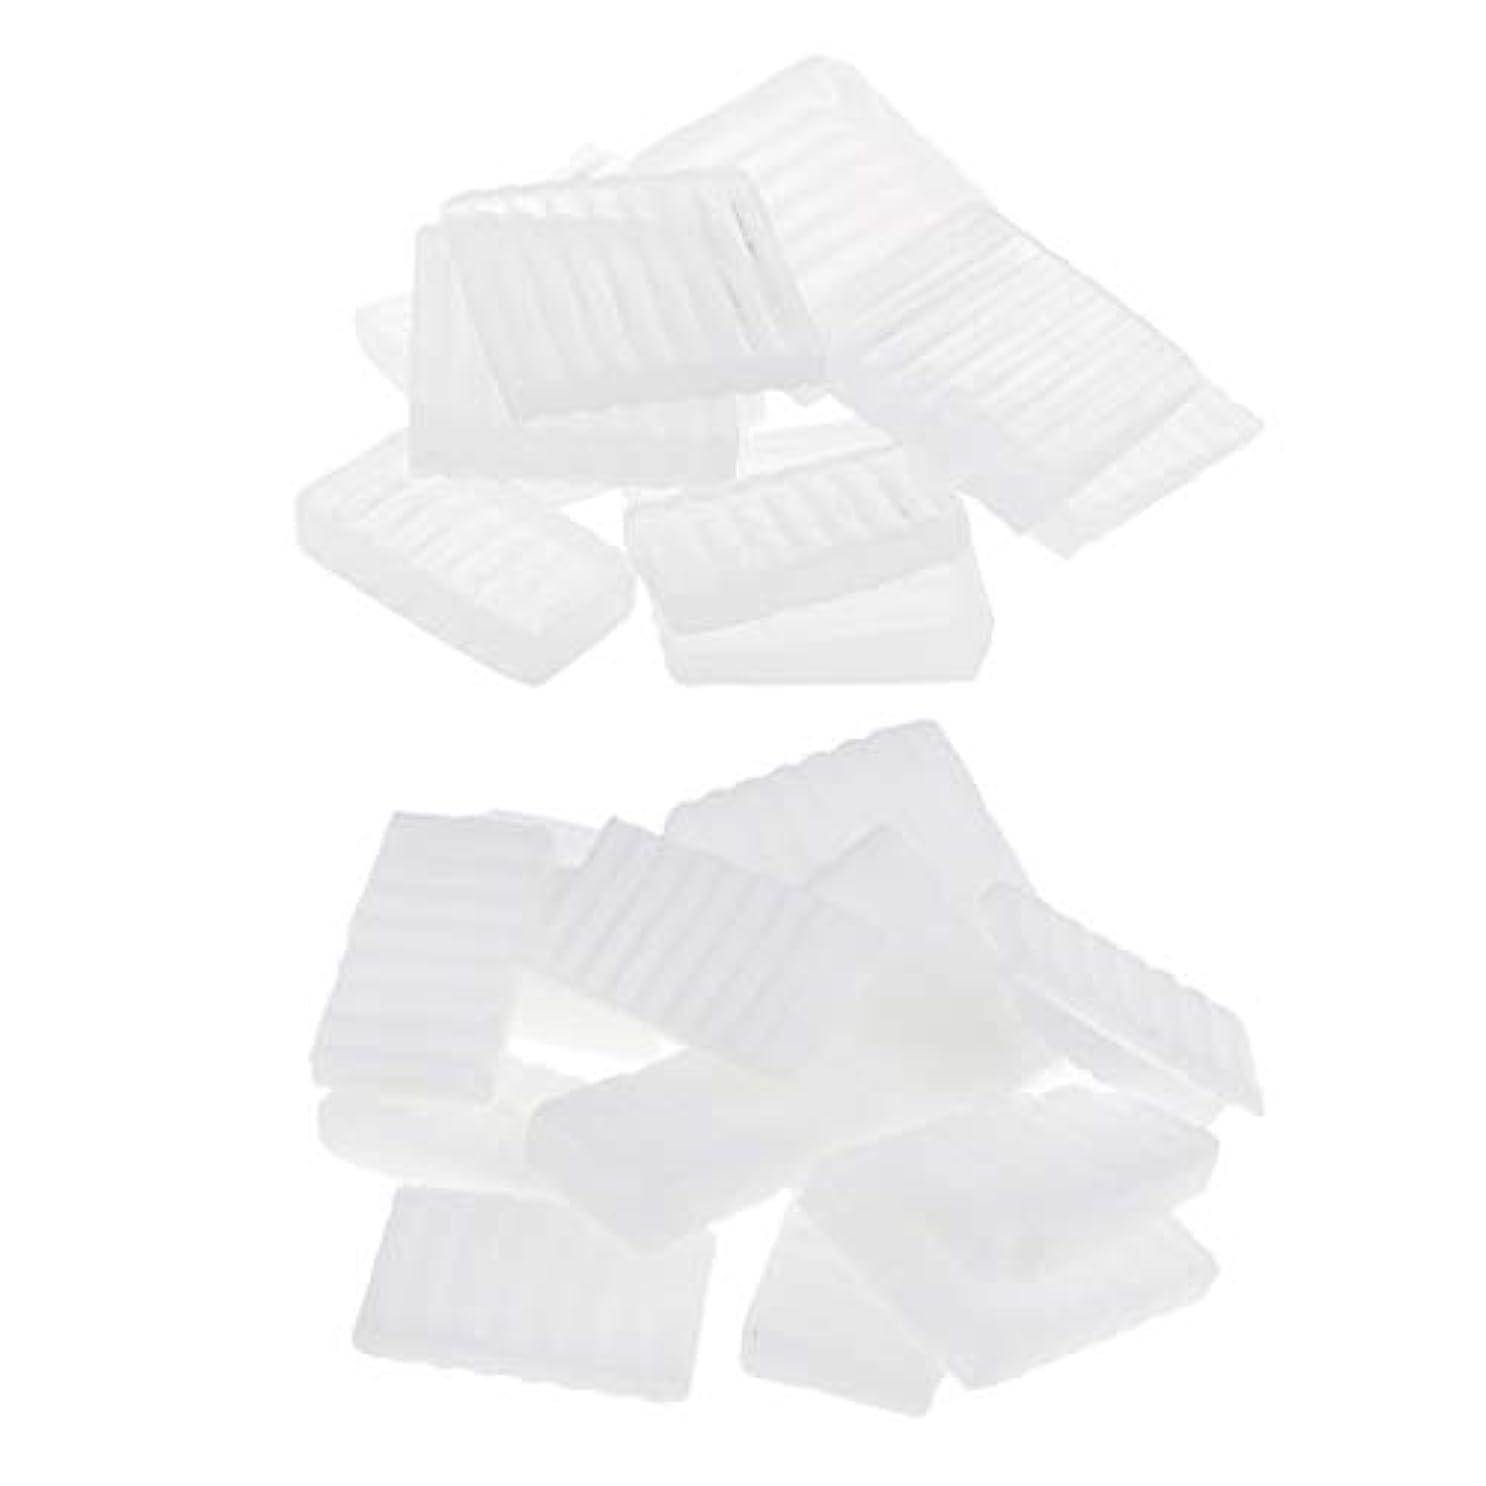 純度思い出す警官石鹸作り 約1000g 白色 石鹸ベース DIY ハンドメイド 石鹸材料